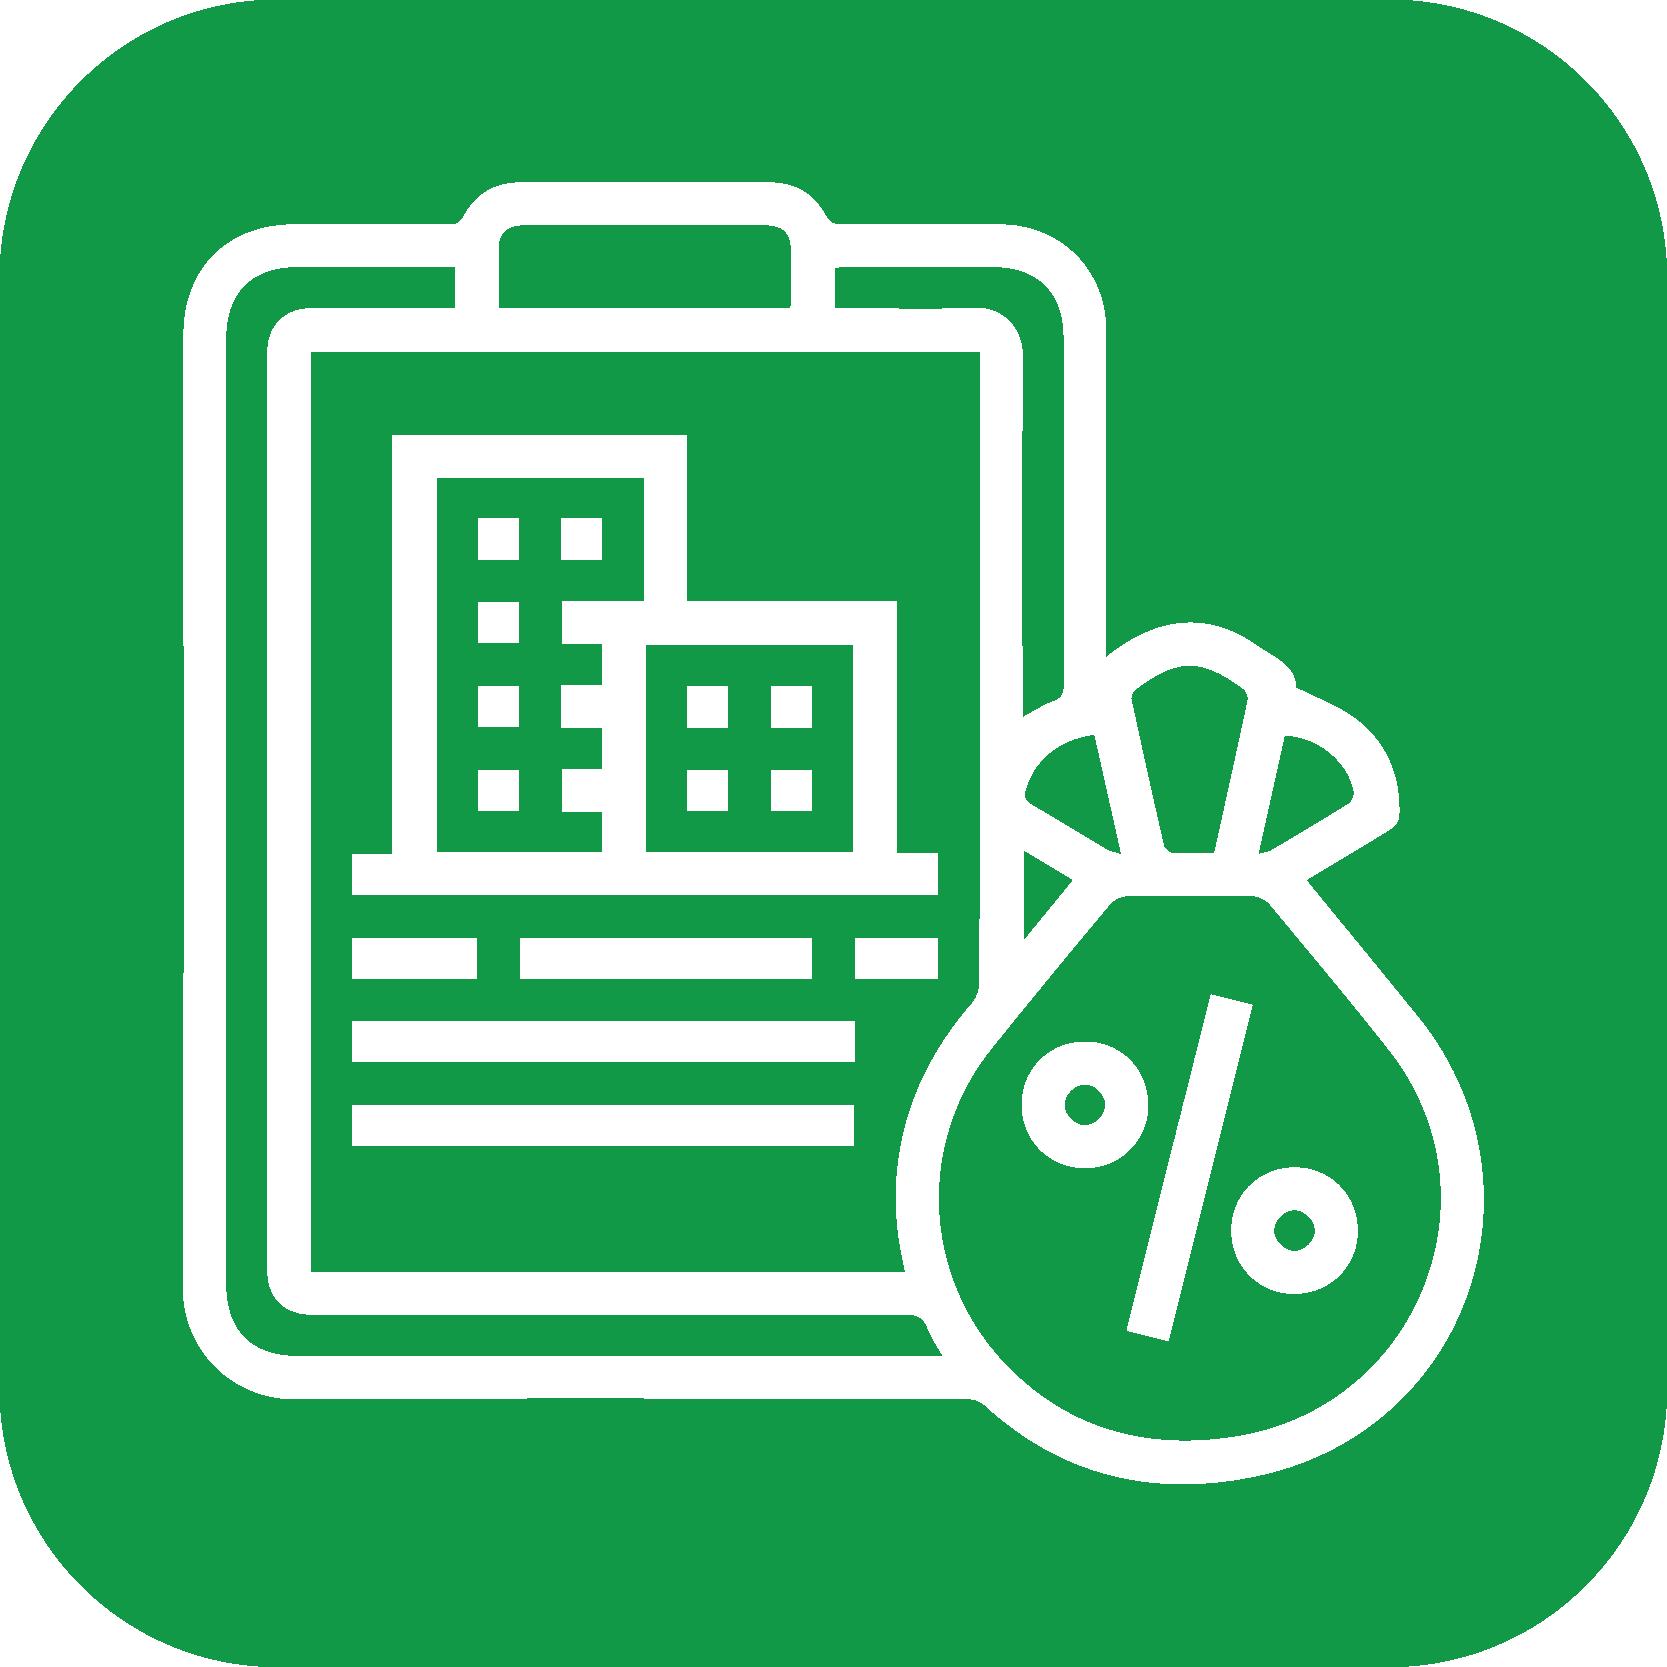 Skatter og afgifter ikon  - ikon grøn